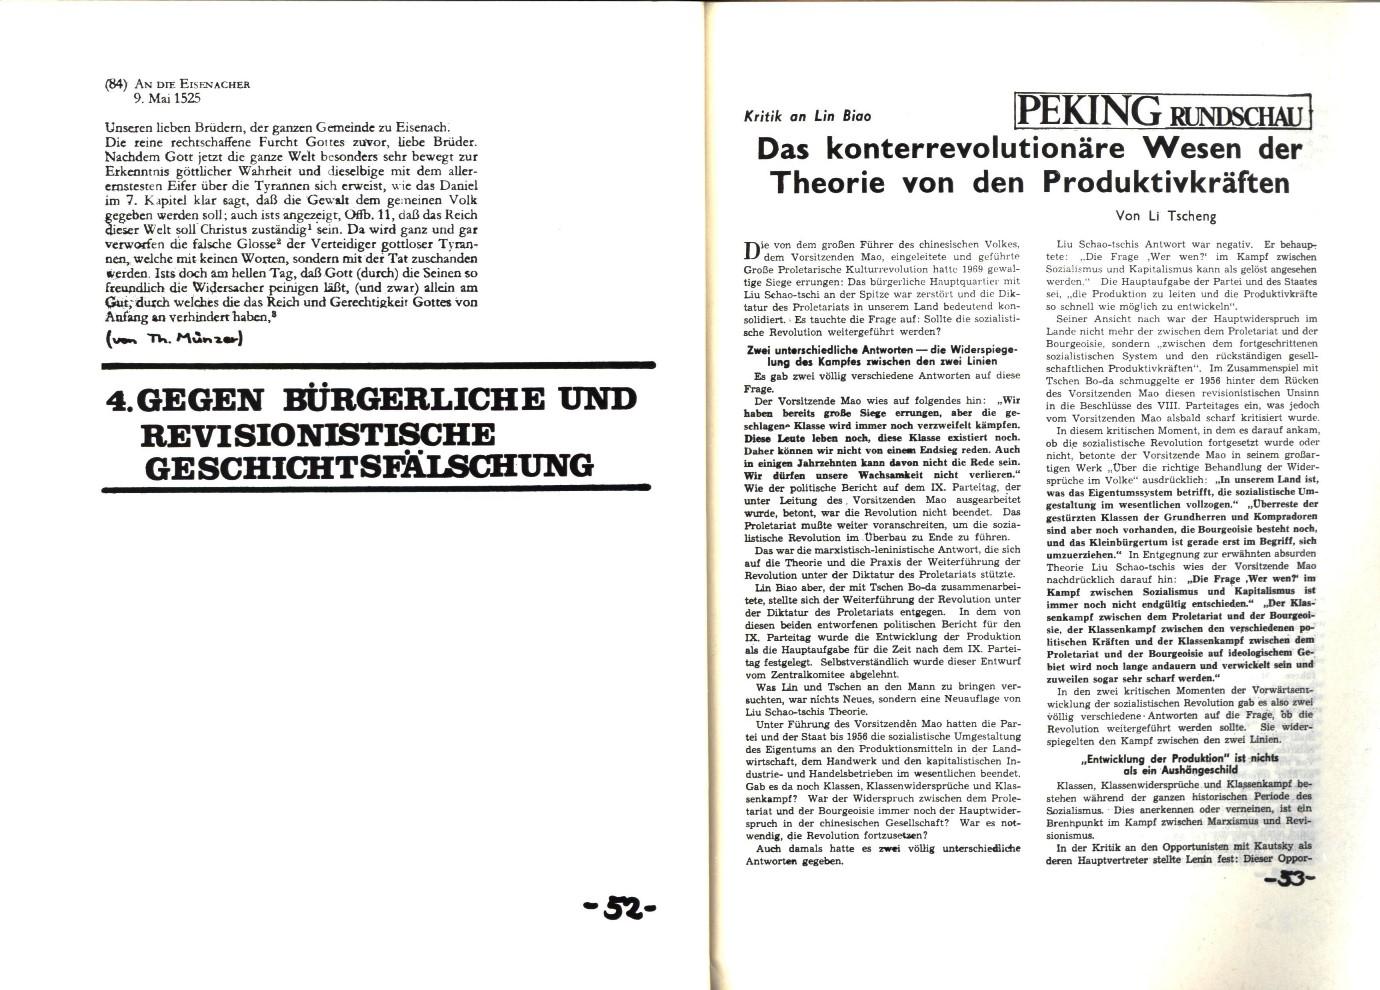 Berlin_KSV_1976_Wochenendseminare_Geschichte_01_28